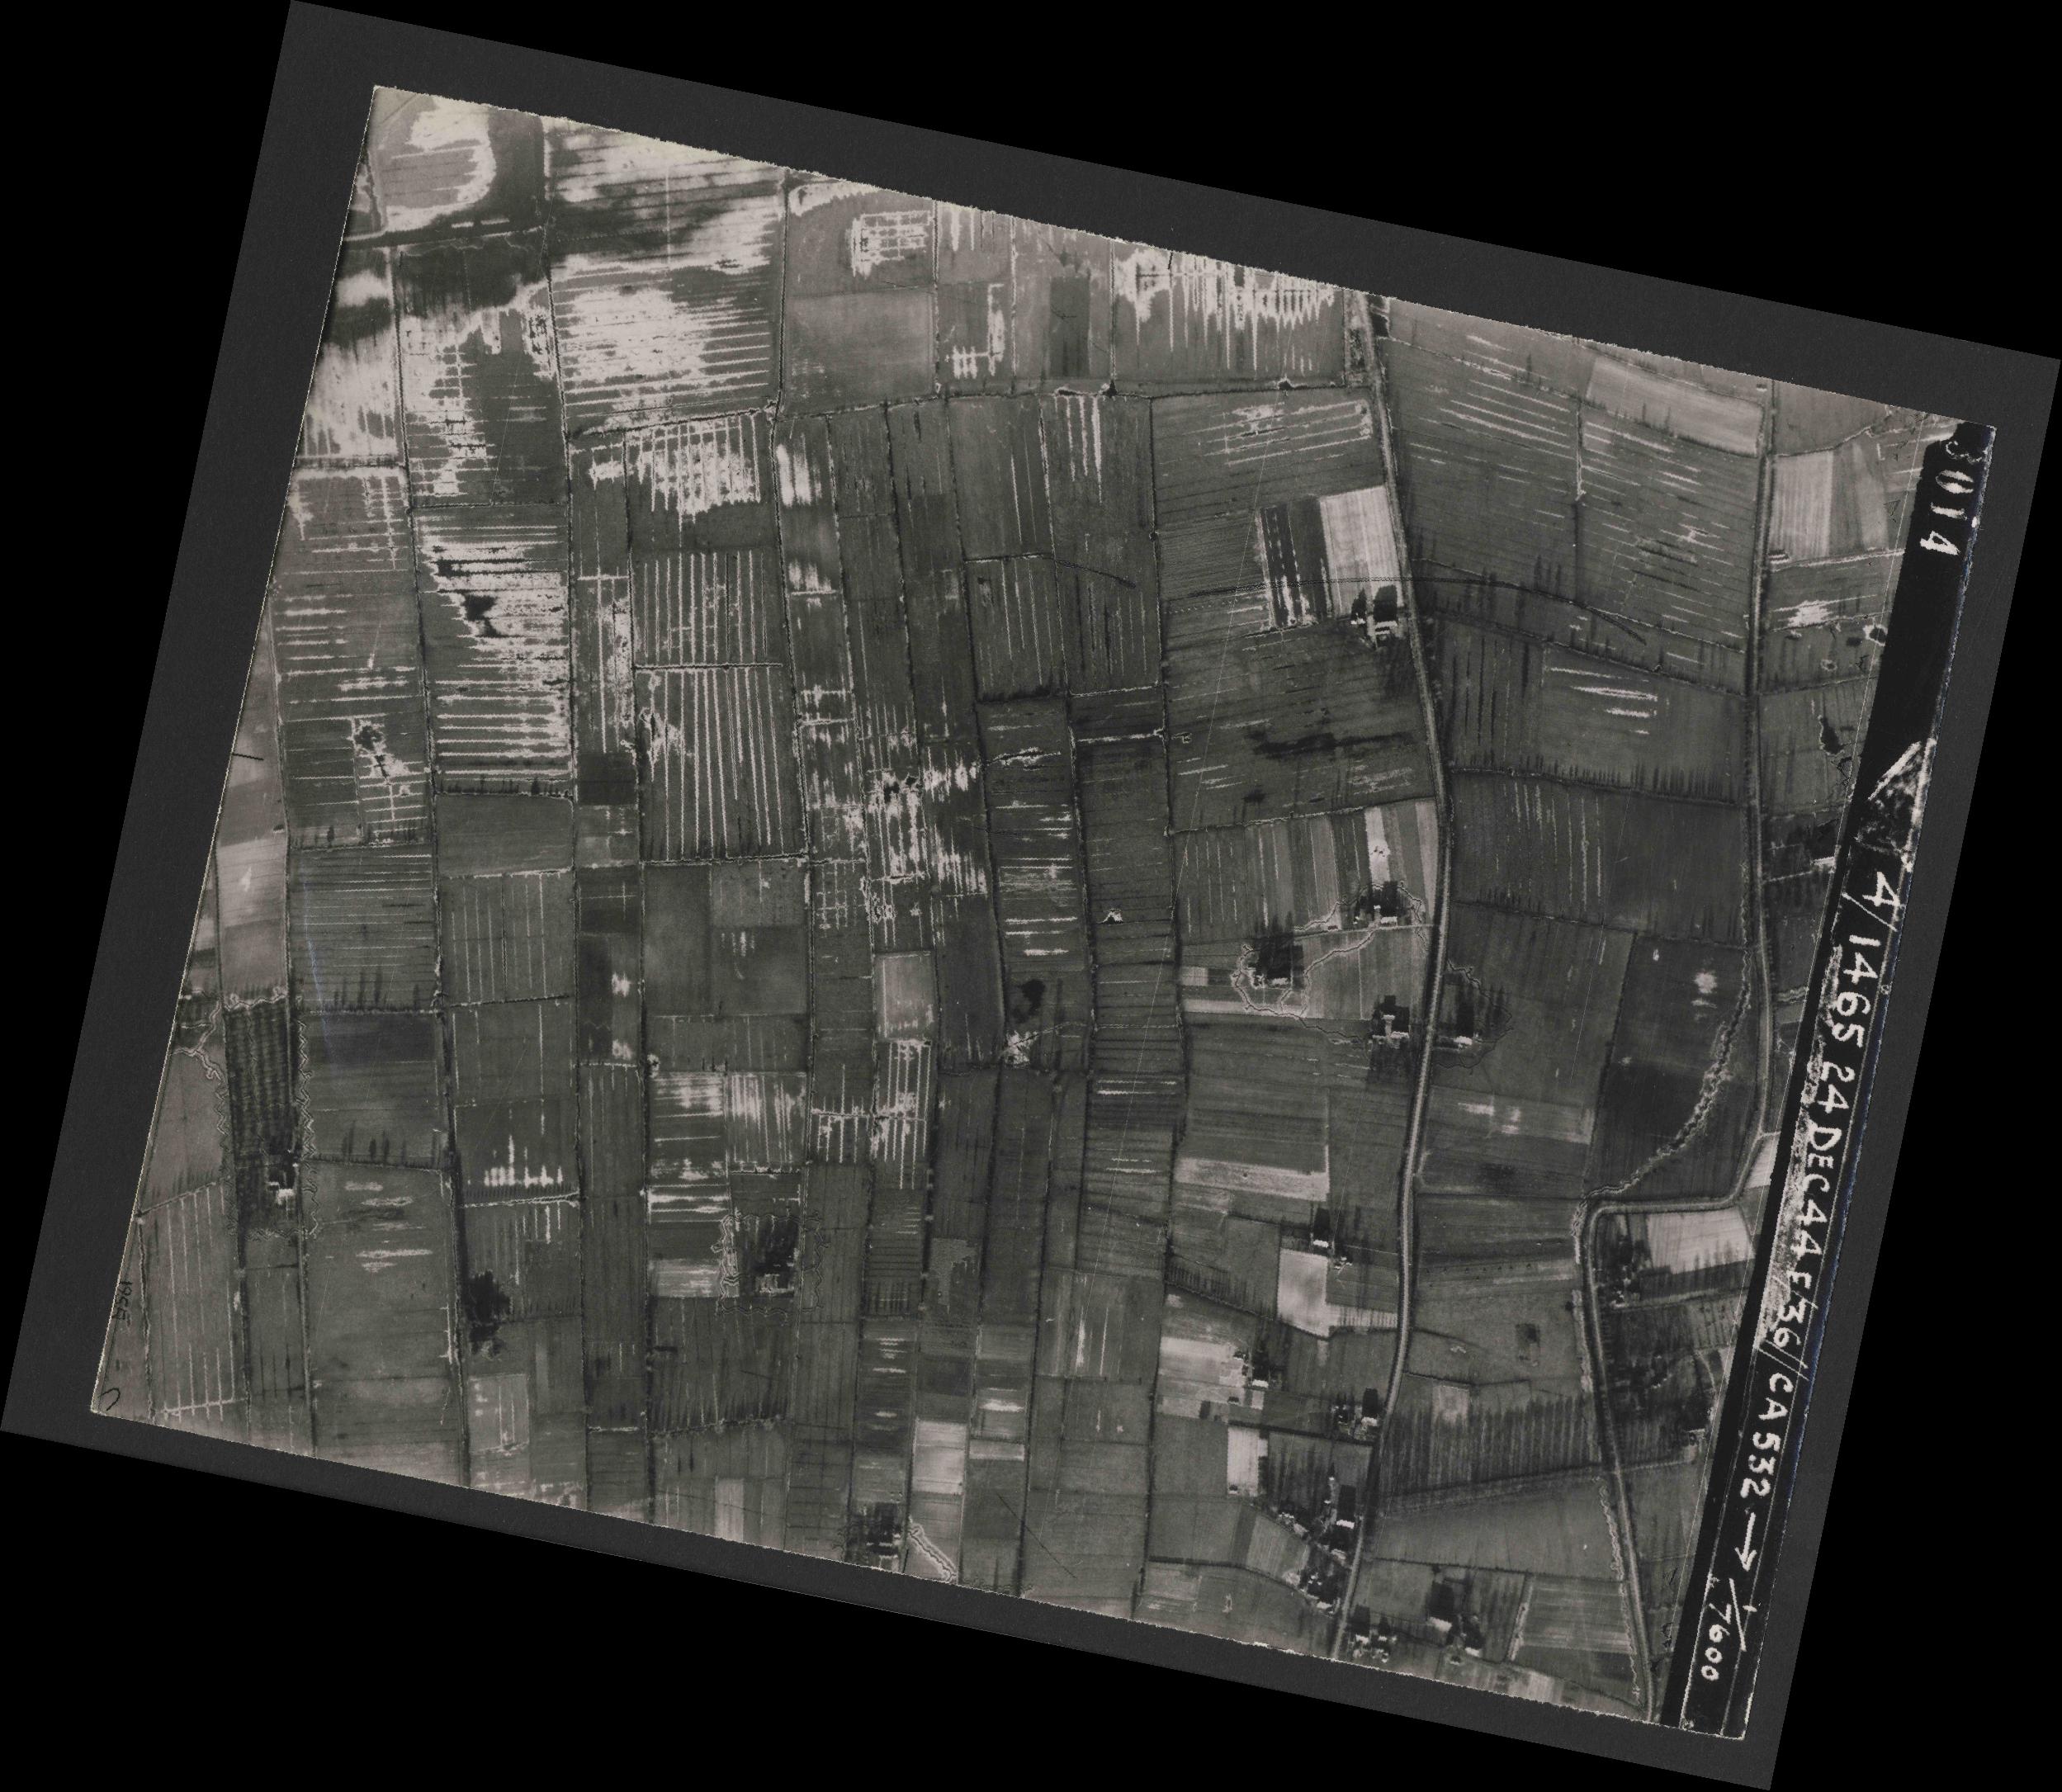 Collection RAF aerial photos 1940-1945 - flight 304, run 04, photo 3014